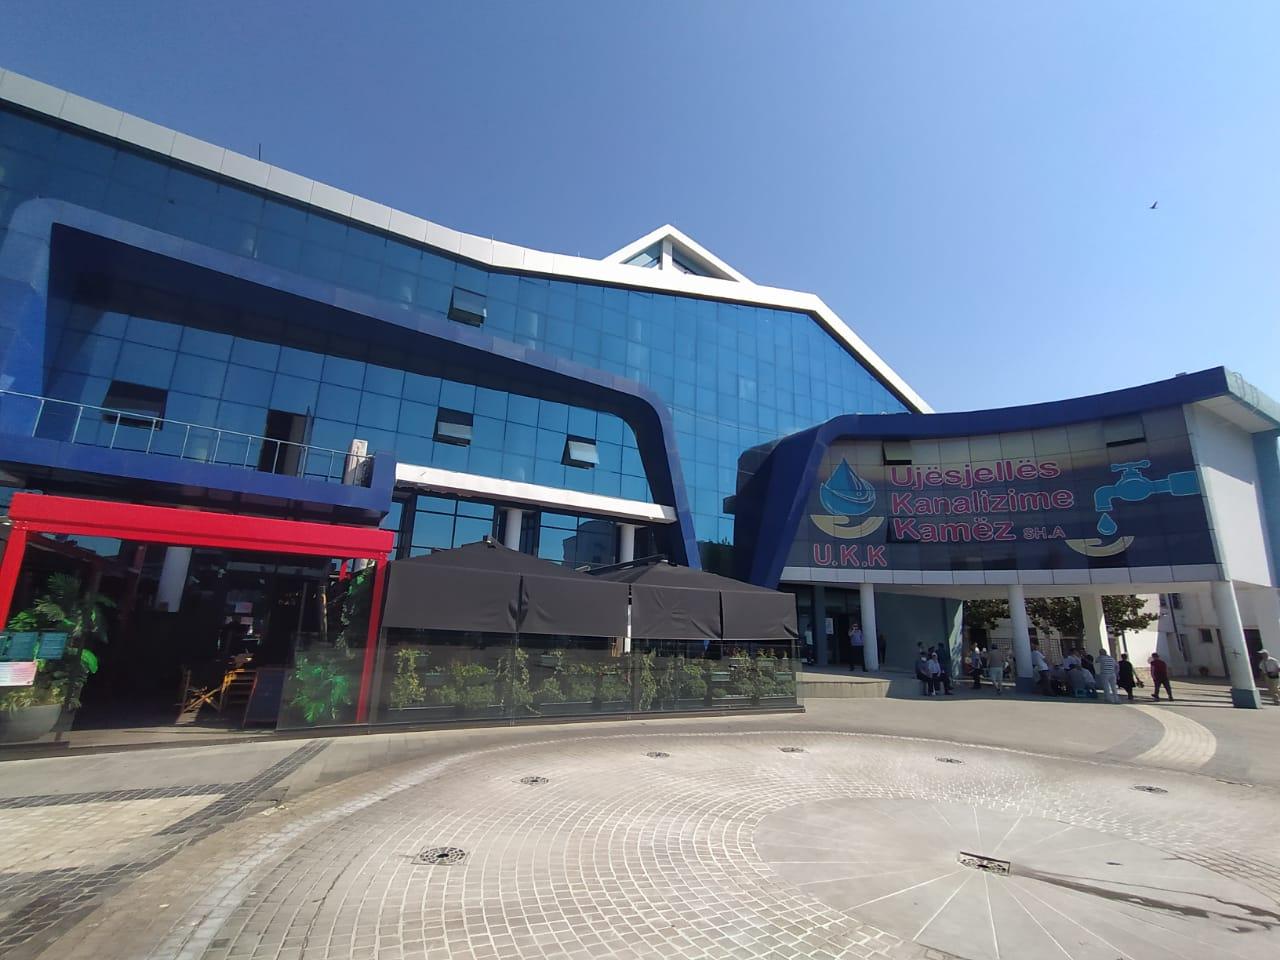 Pallati i Kulturës në Kamëz, qershor 2020. Foto: Diana Malaj.